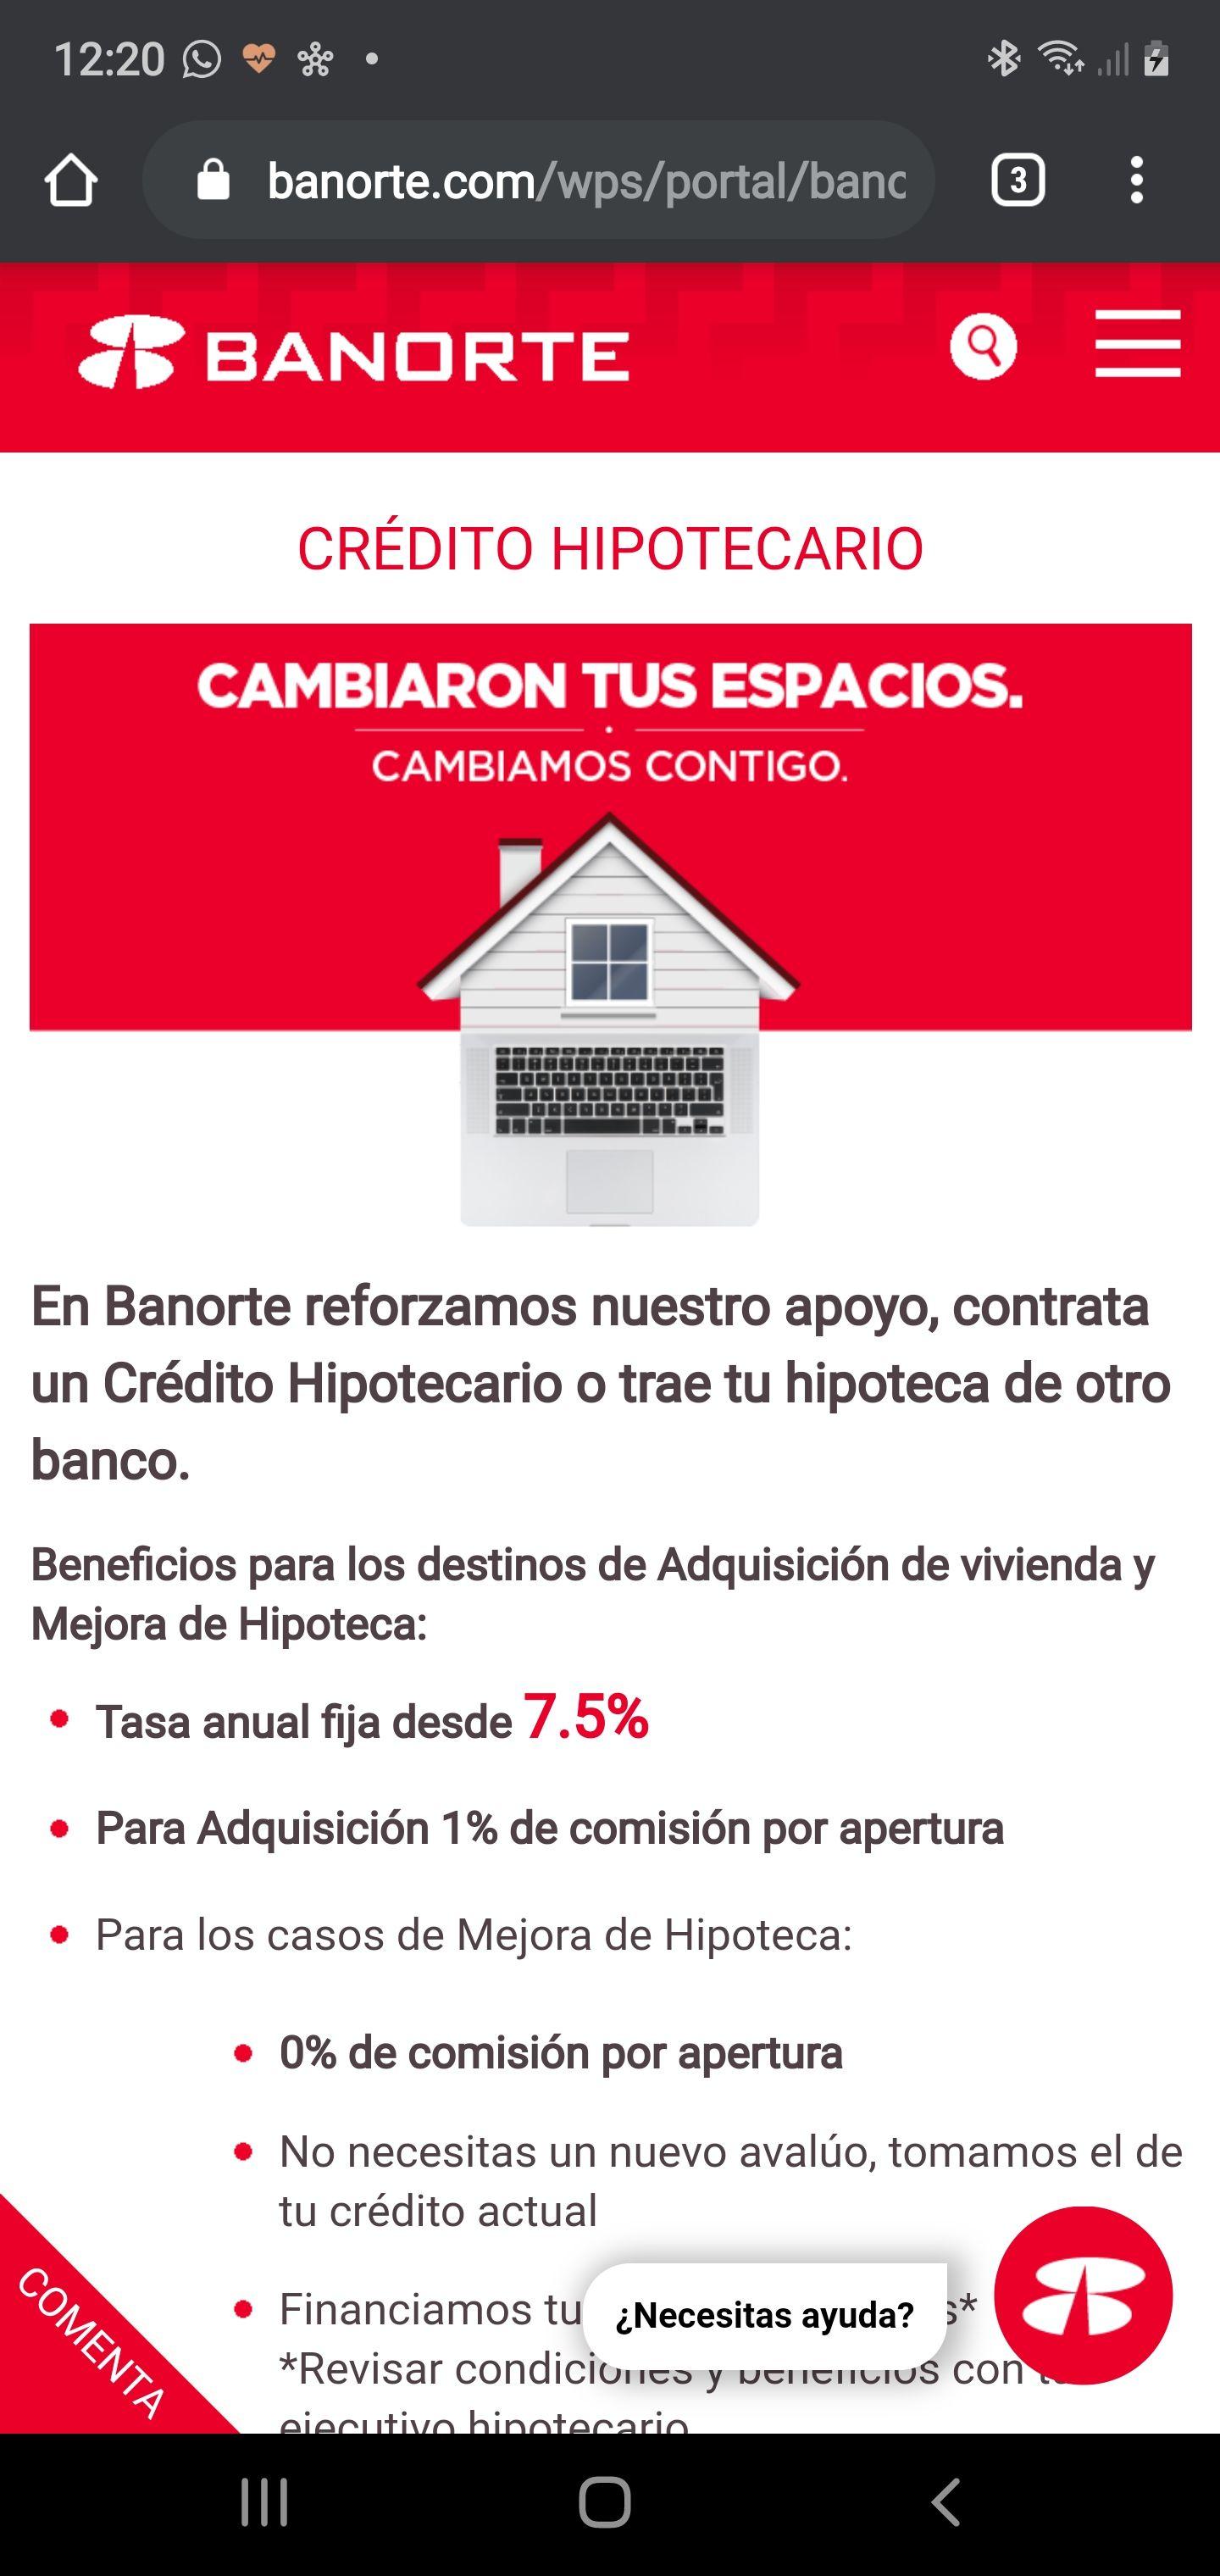 Banorte crédito hipotecario tasa anual 7.5%